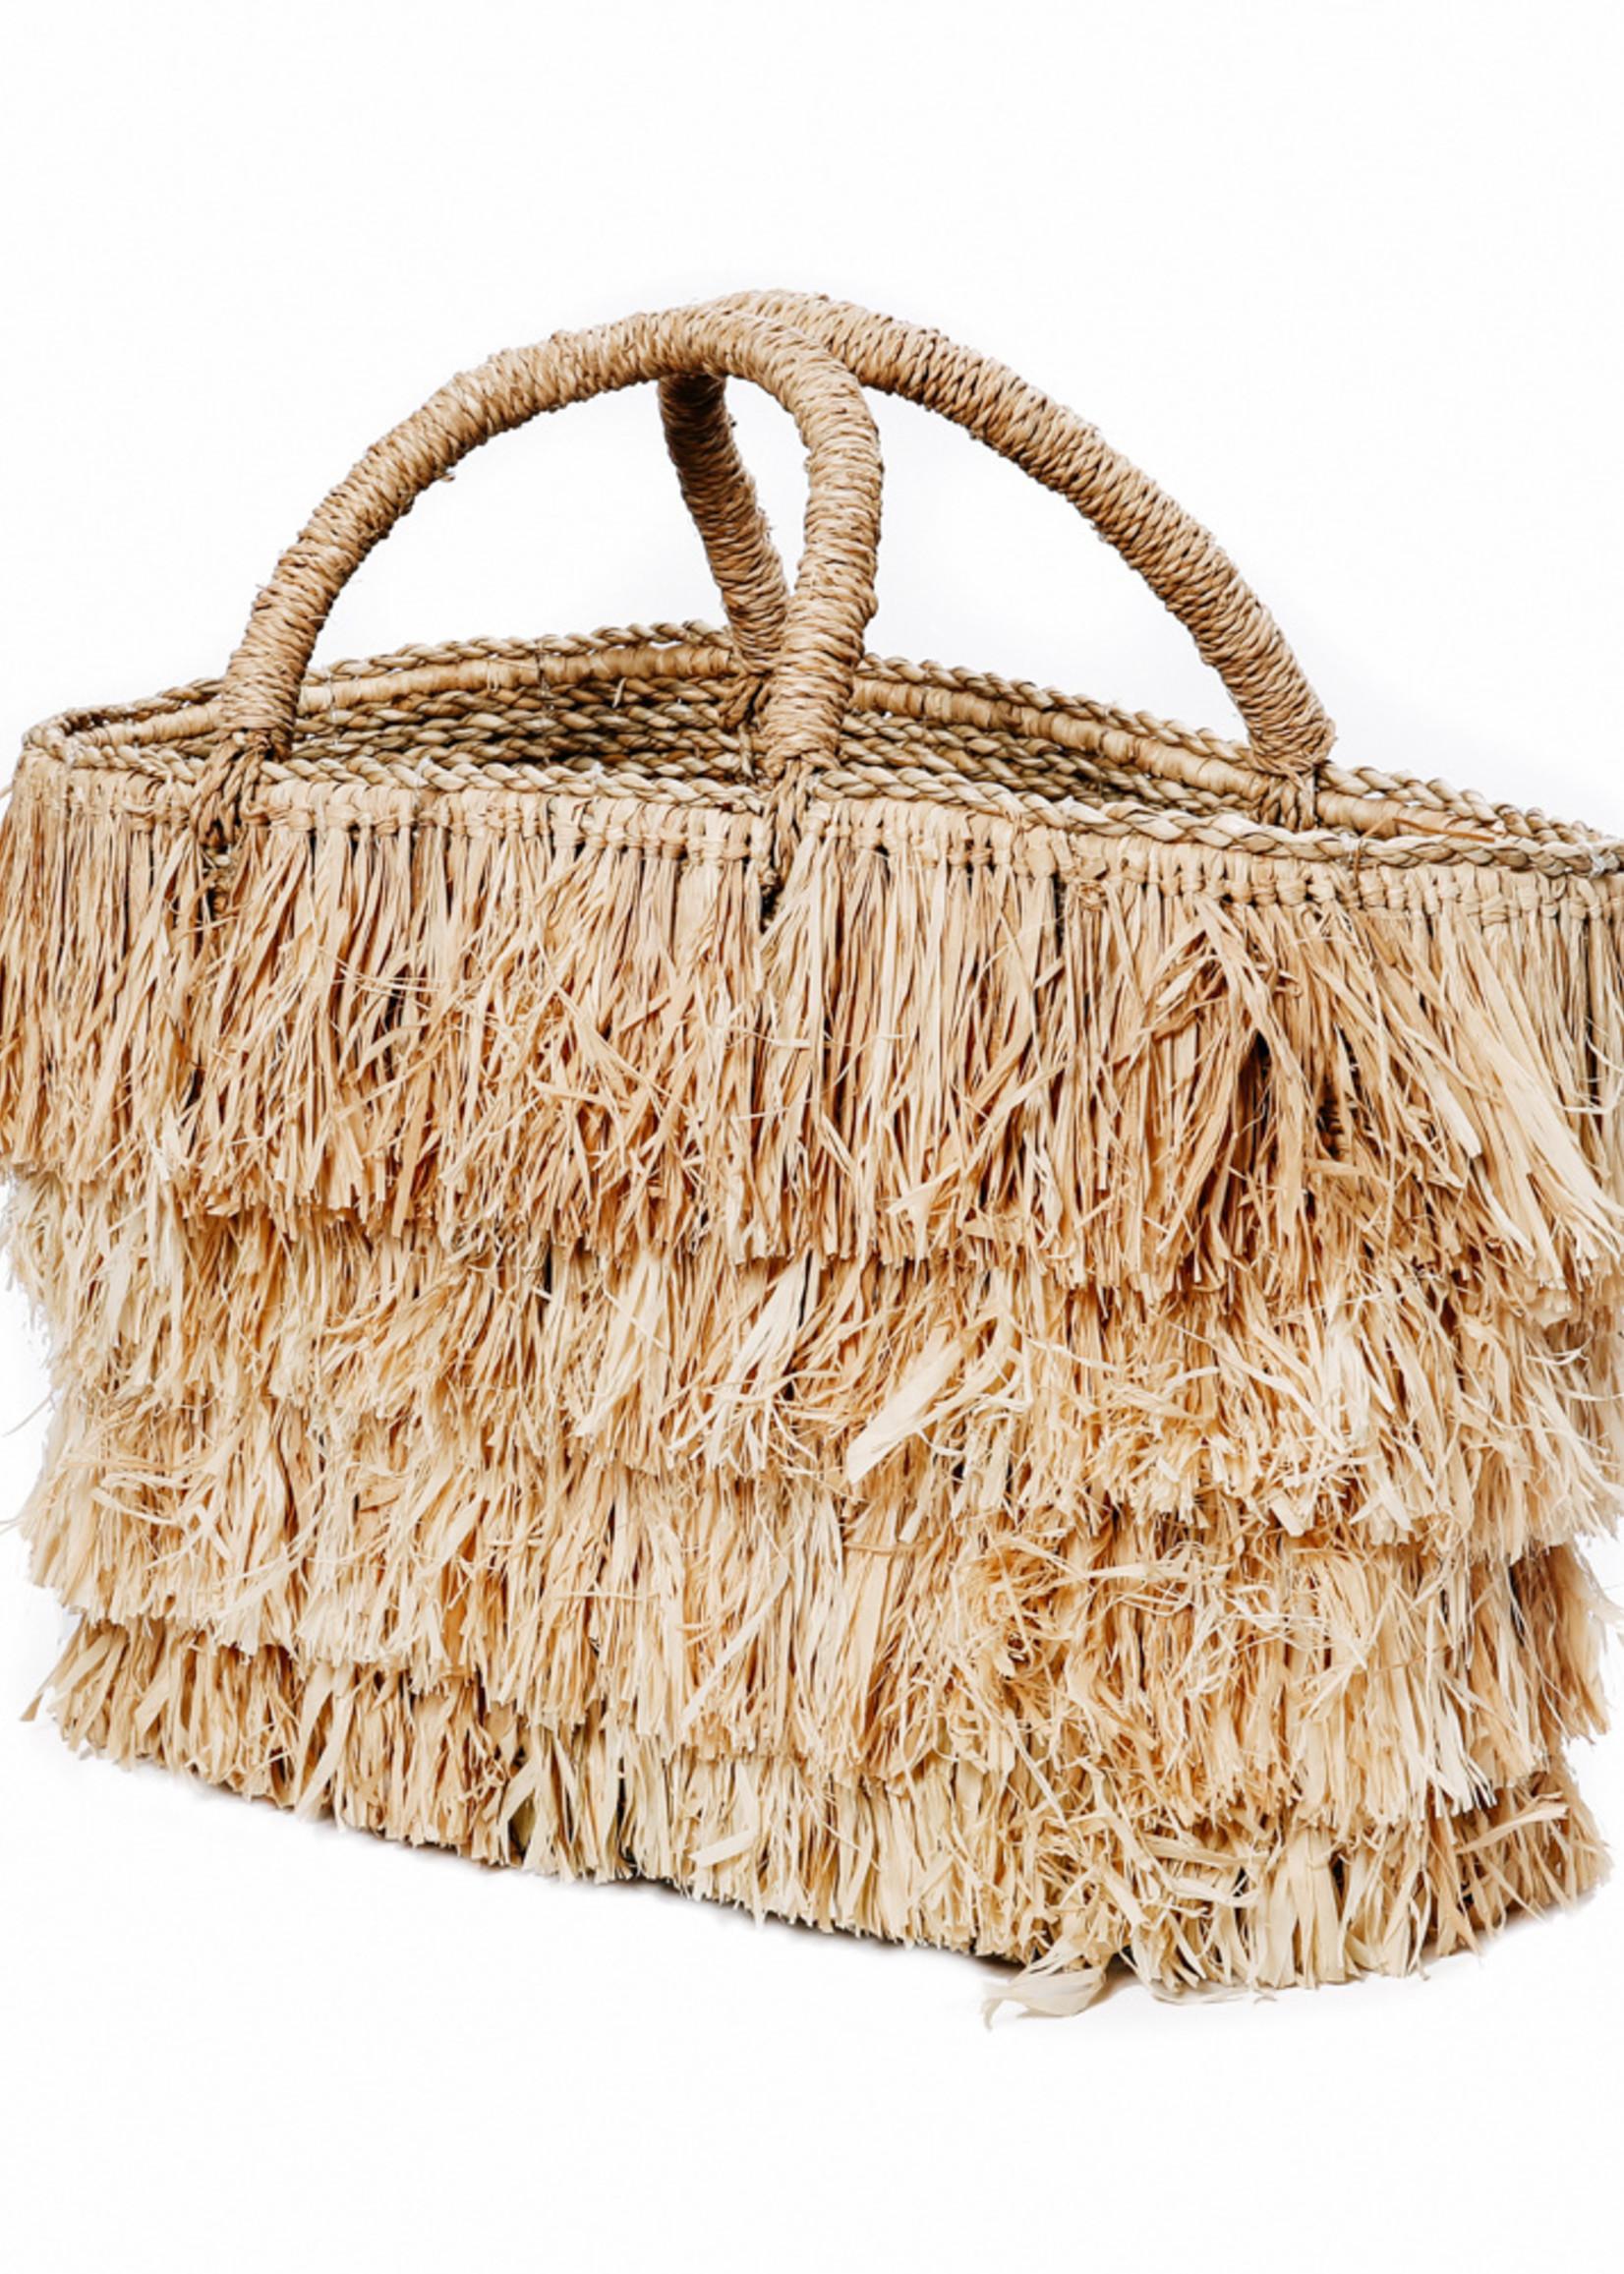 The Raffia Bahamas Basket - Natural